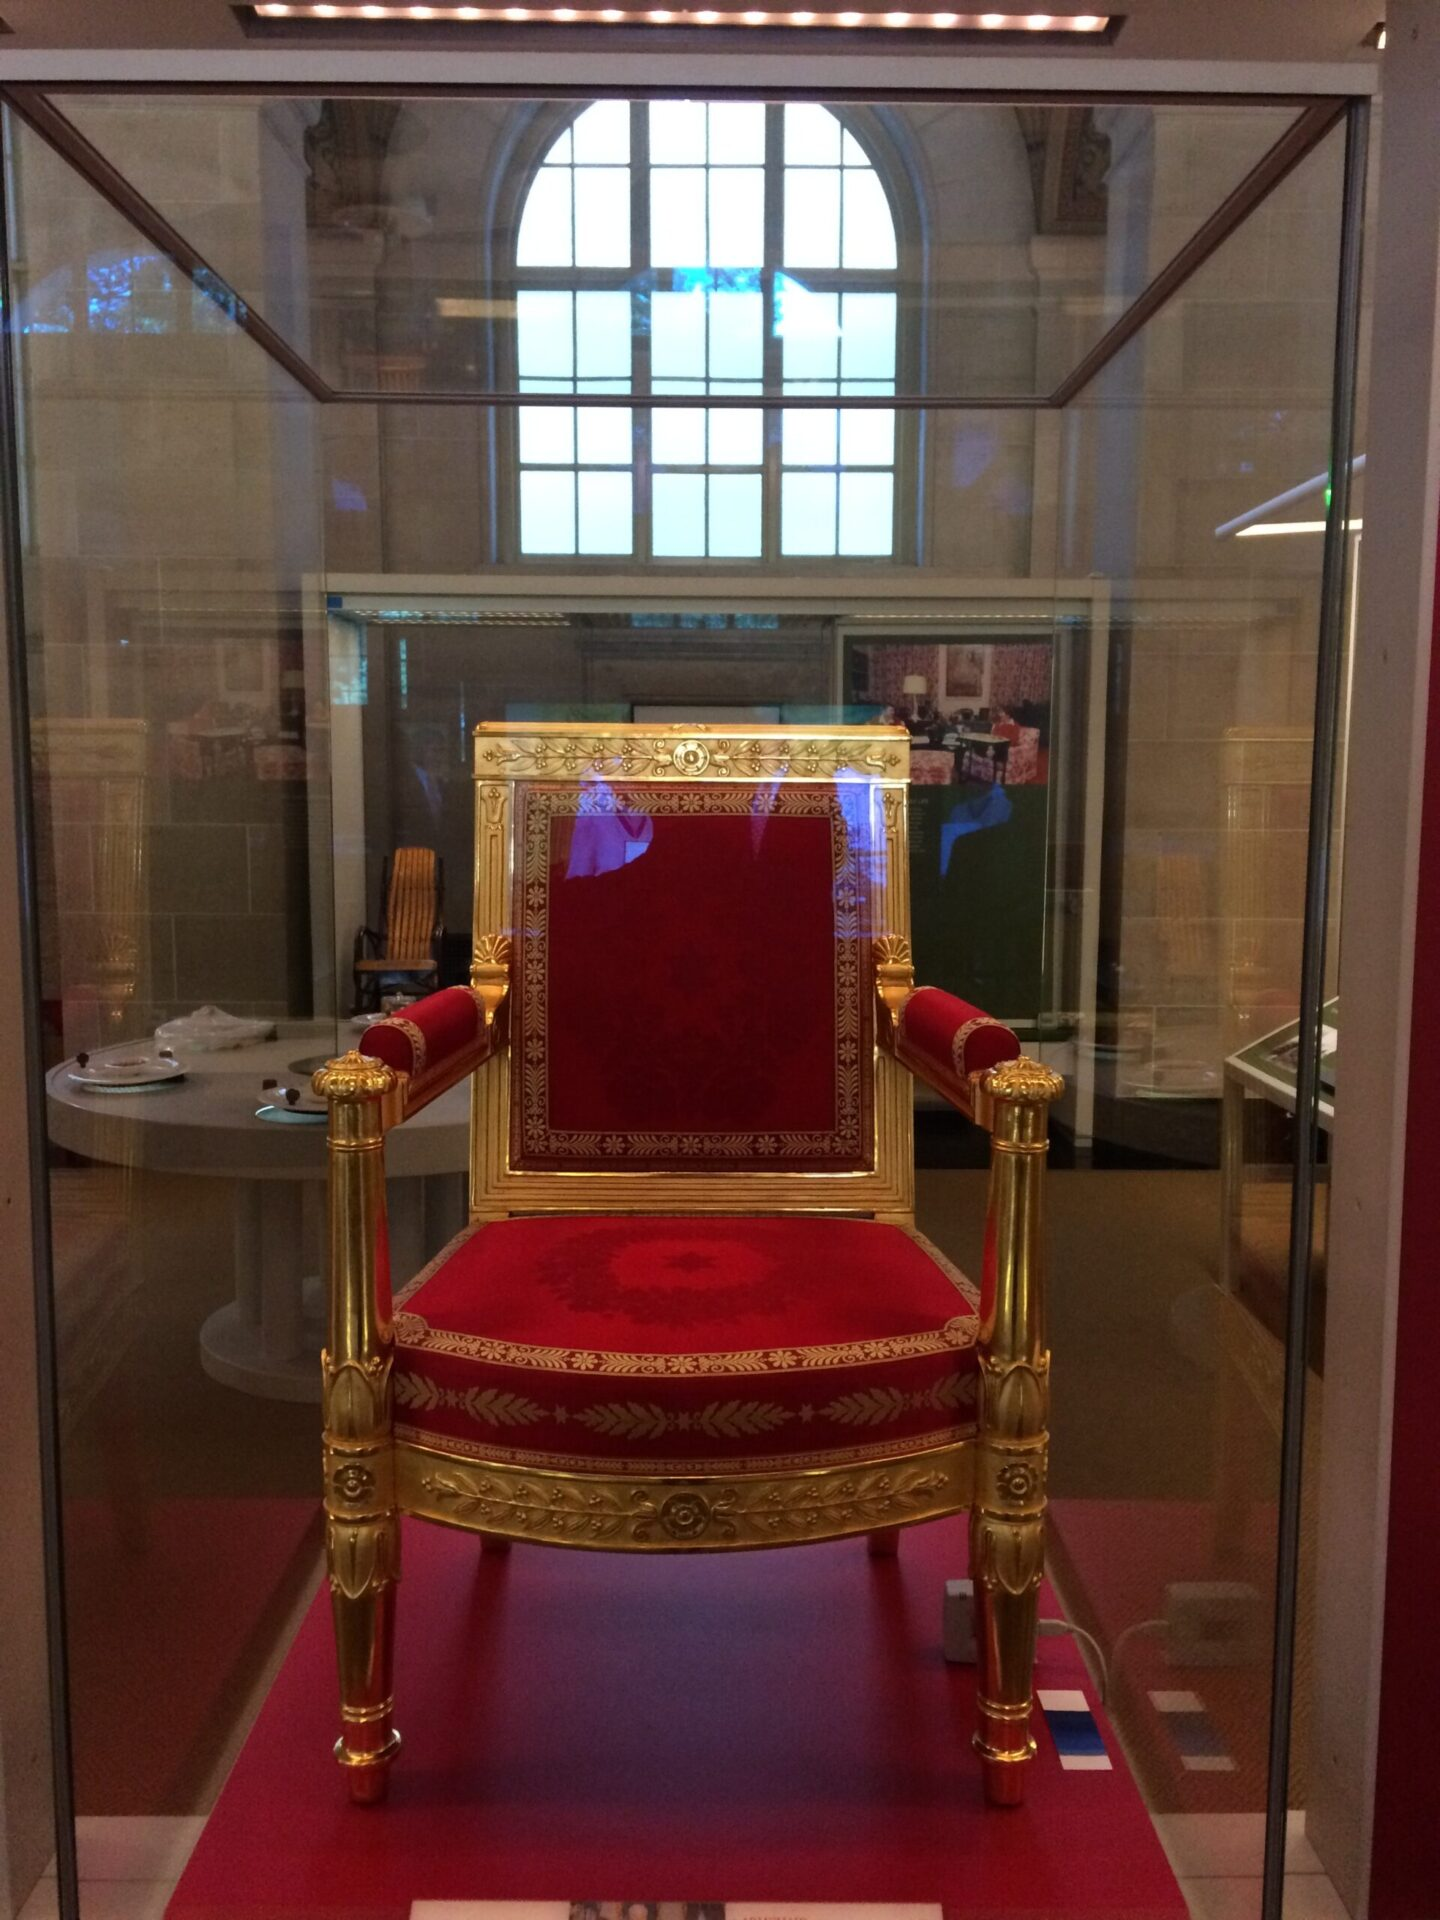 昭和天皇がホワイトハウスを訪問した際、実際に使っていた椅子。